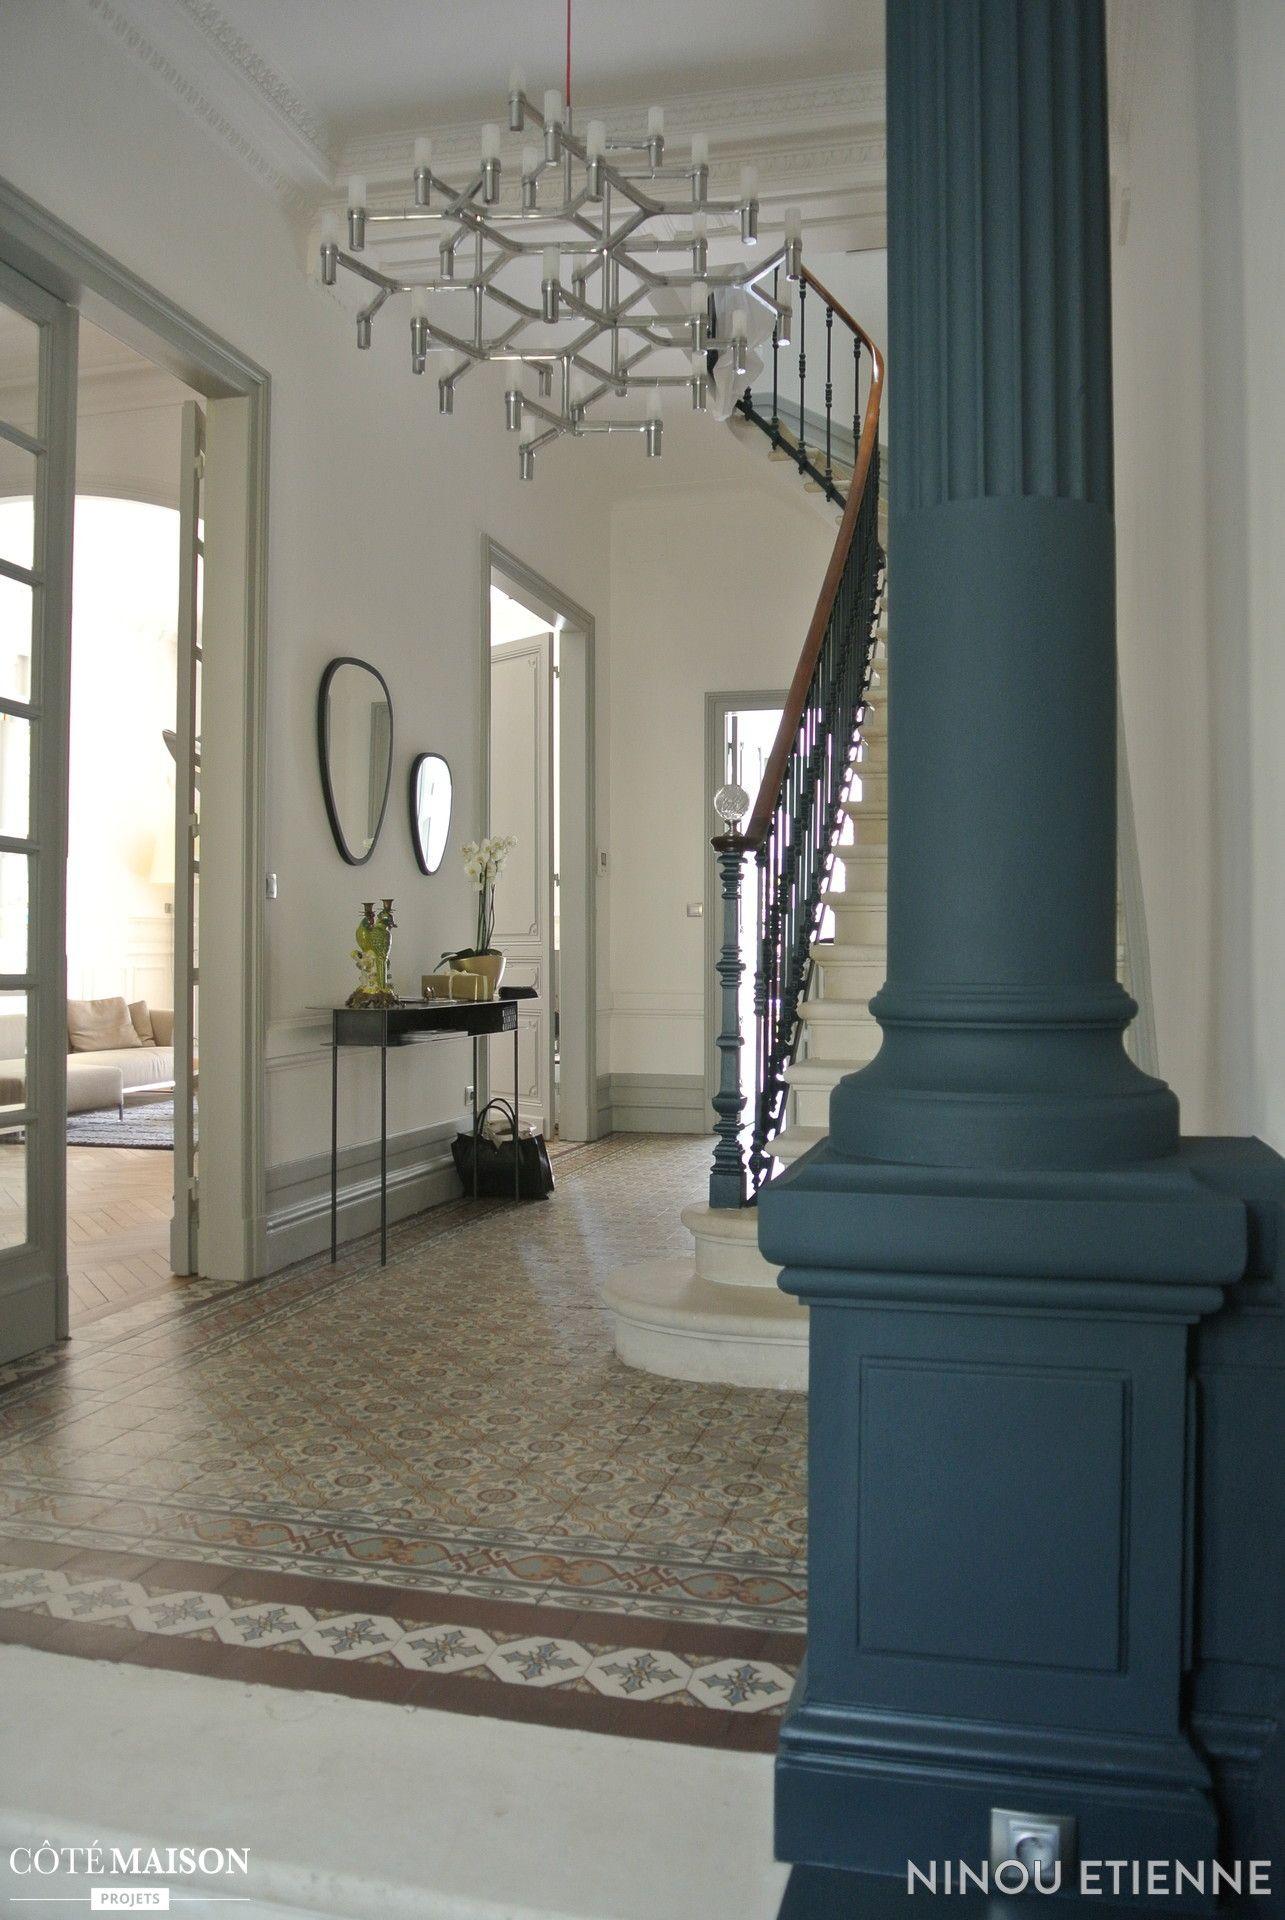 Cette entrée mixe le style traditionnel avec des pièces modernes ...